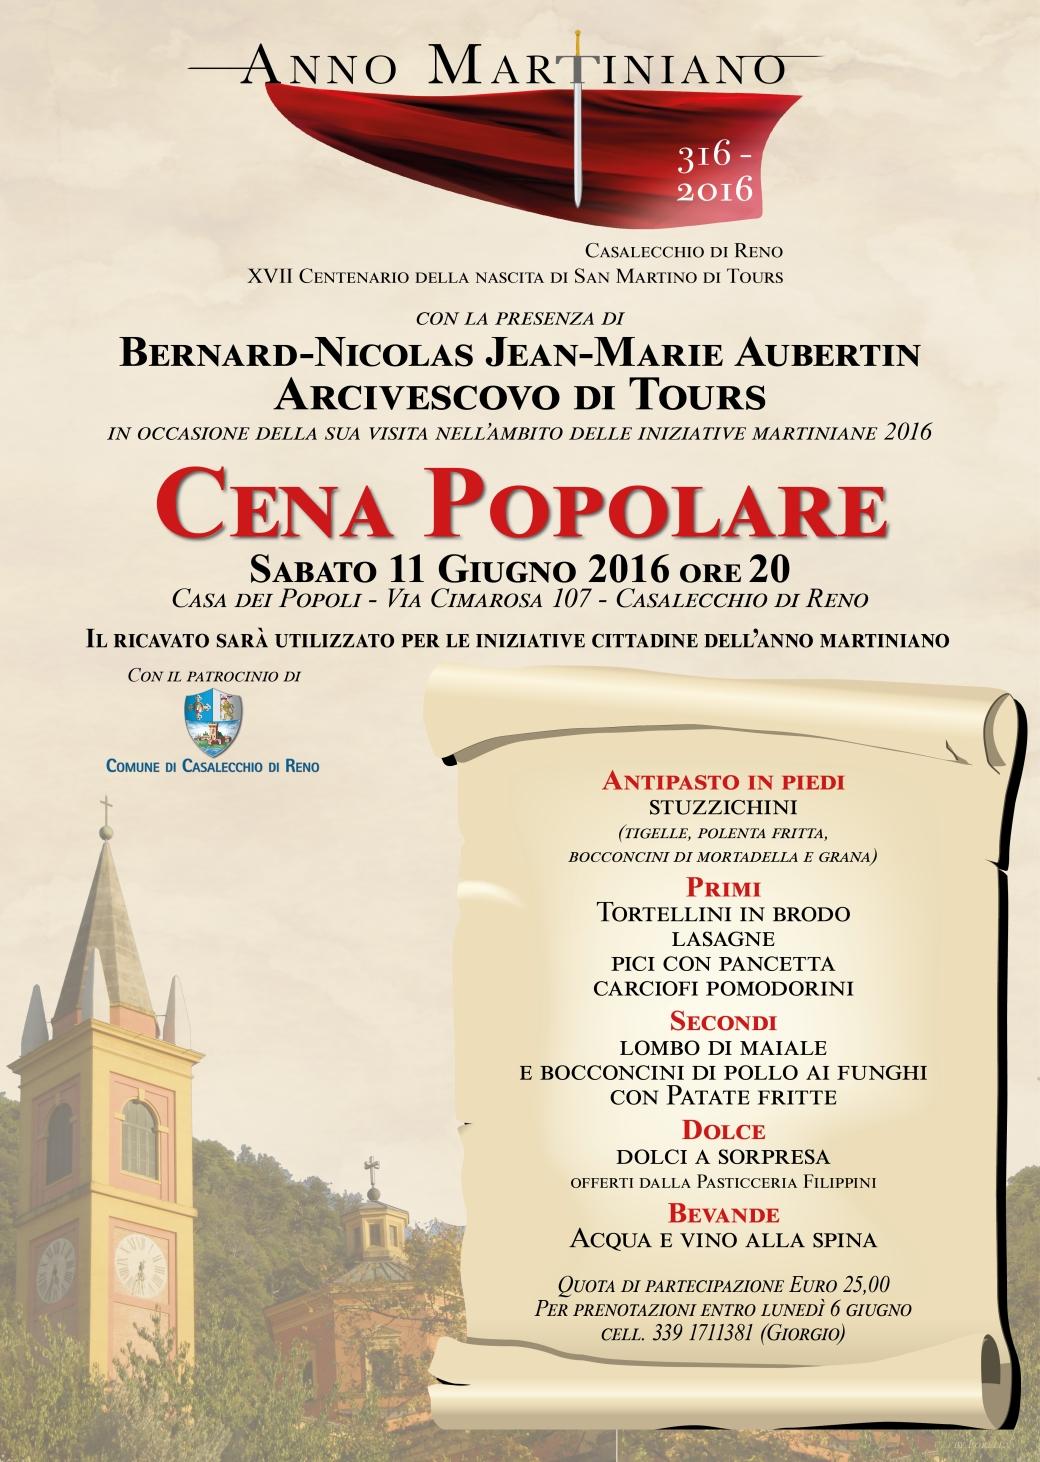 20160611 Anno Mart. Cena Popolare_ok (agg 10.5.16 ore 19)